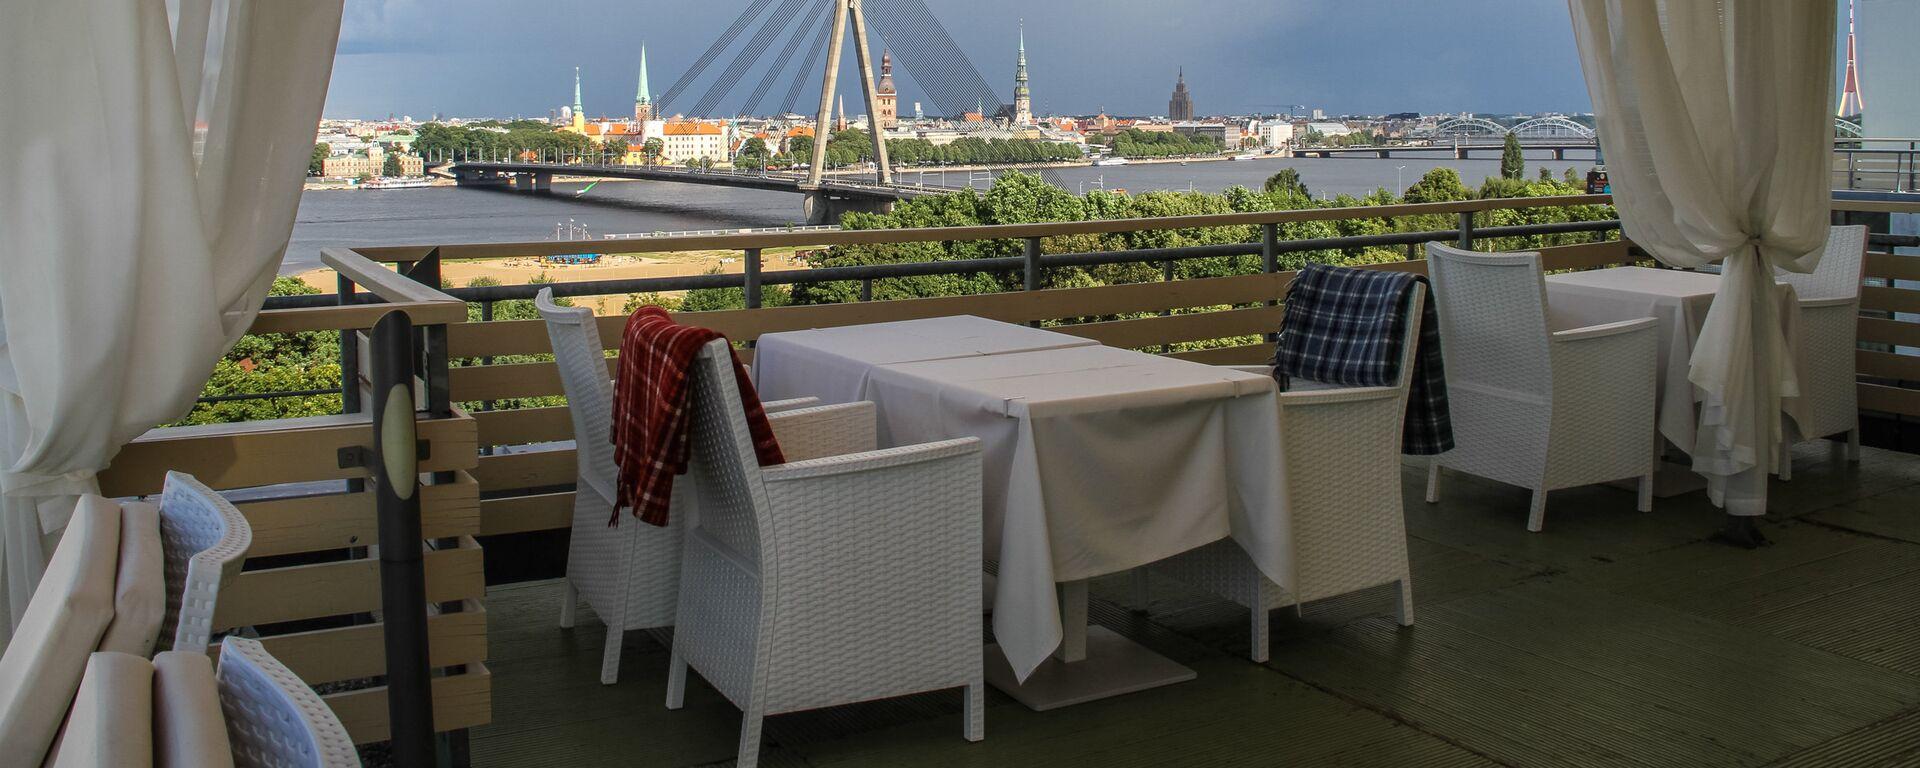 Летняя терраса Veranda на 10-м этаже Islande - Sputnik Латвия, 1920, 06.07.2021